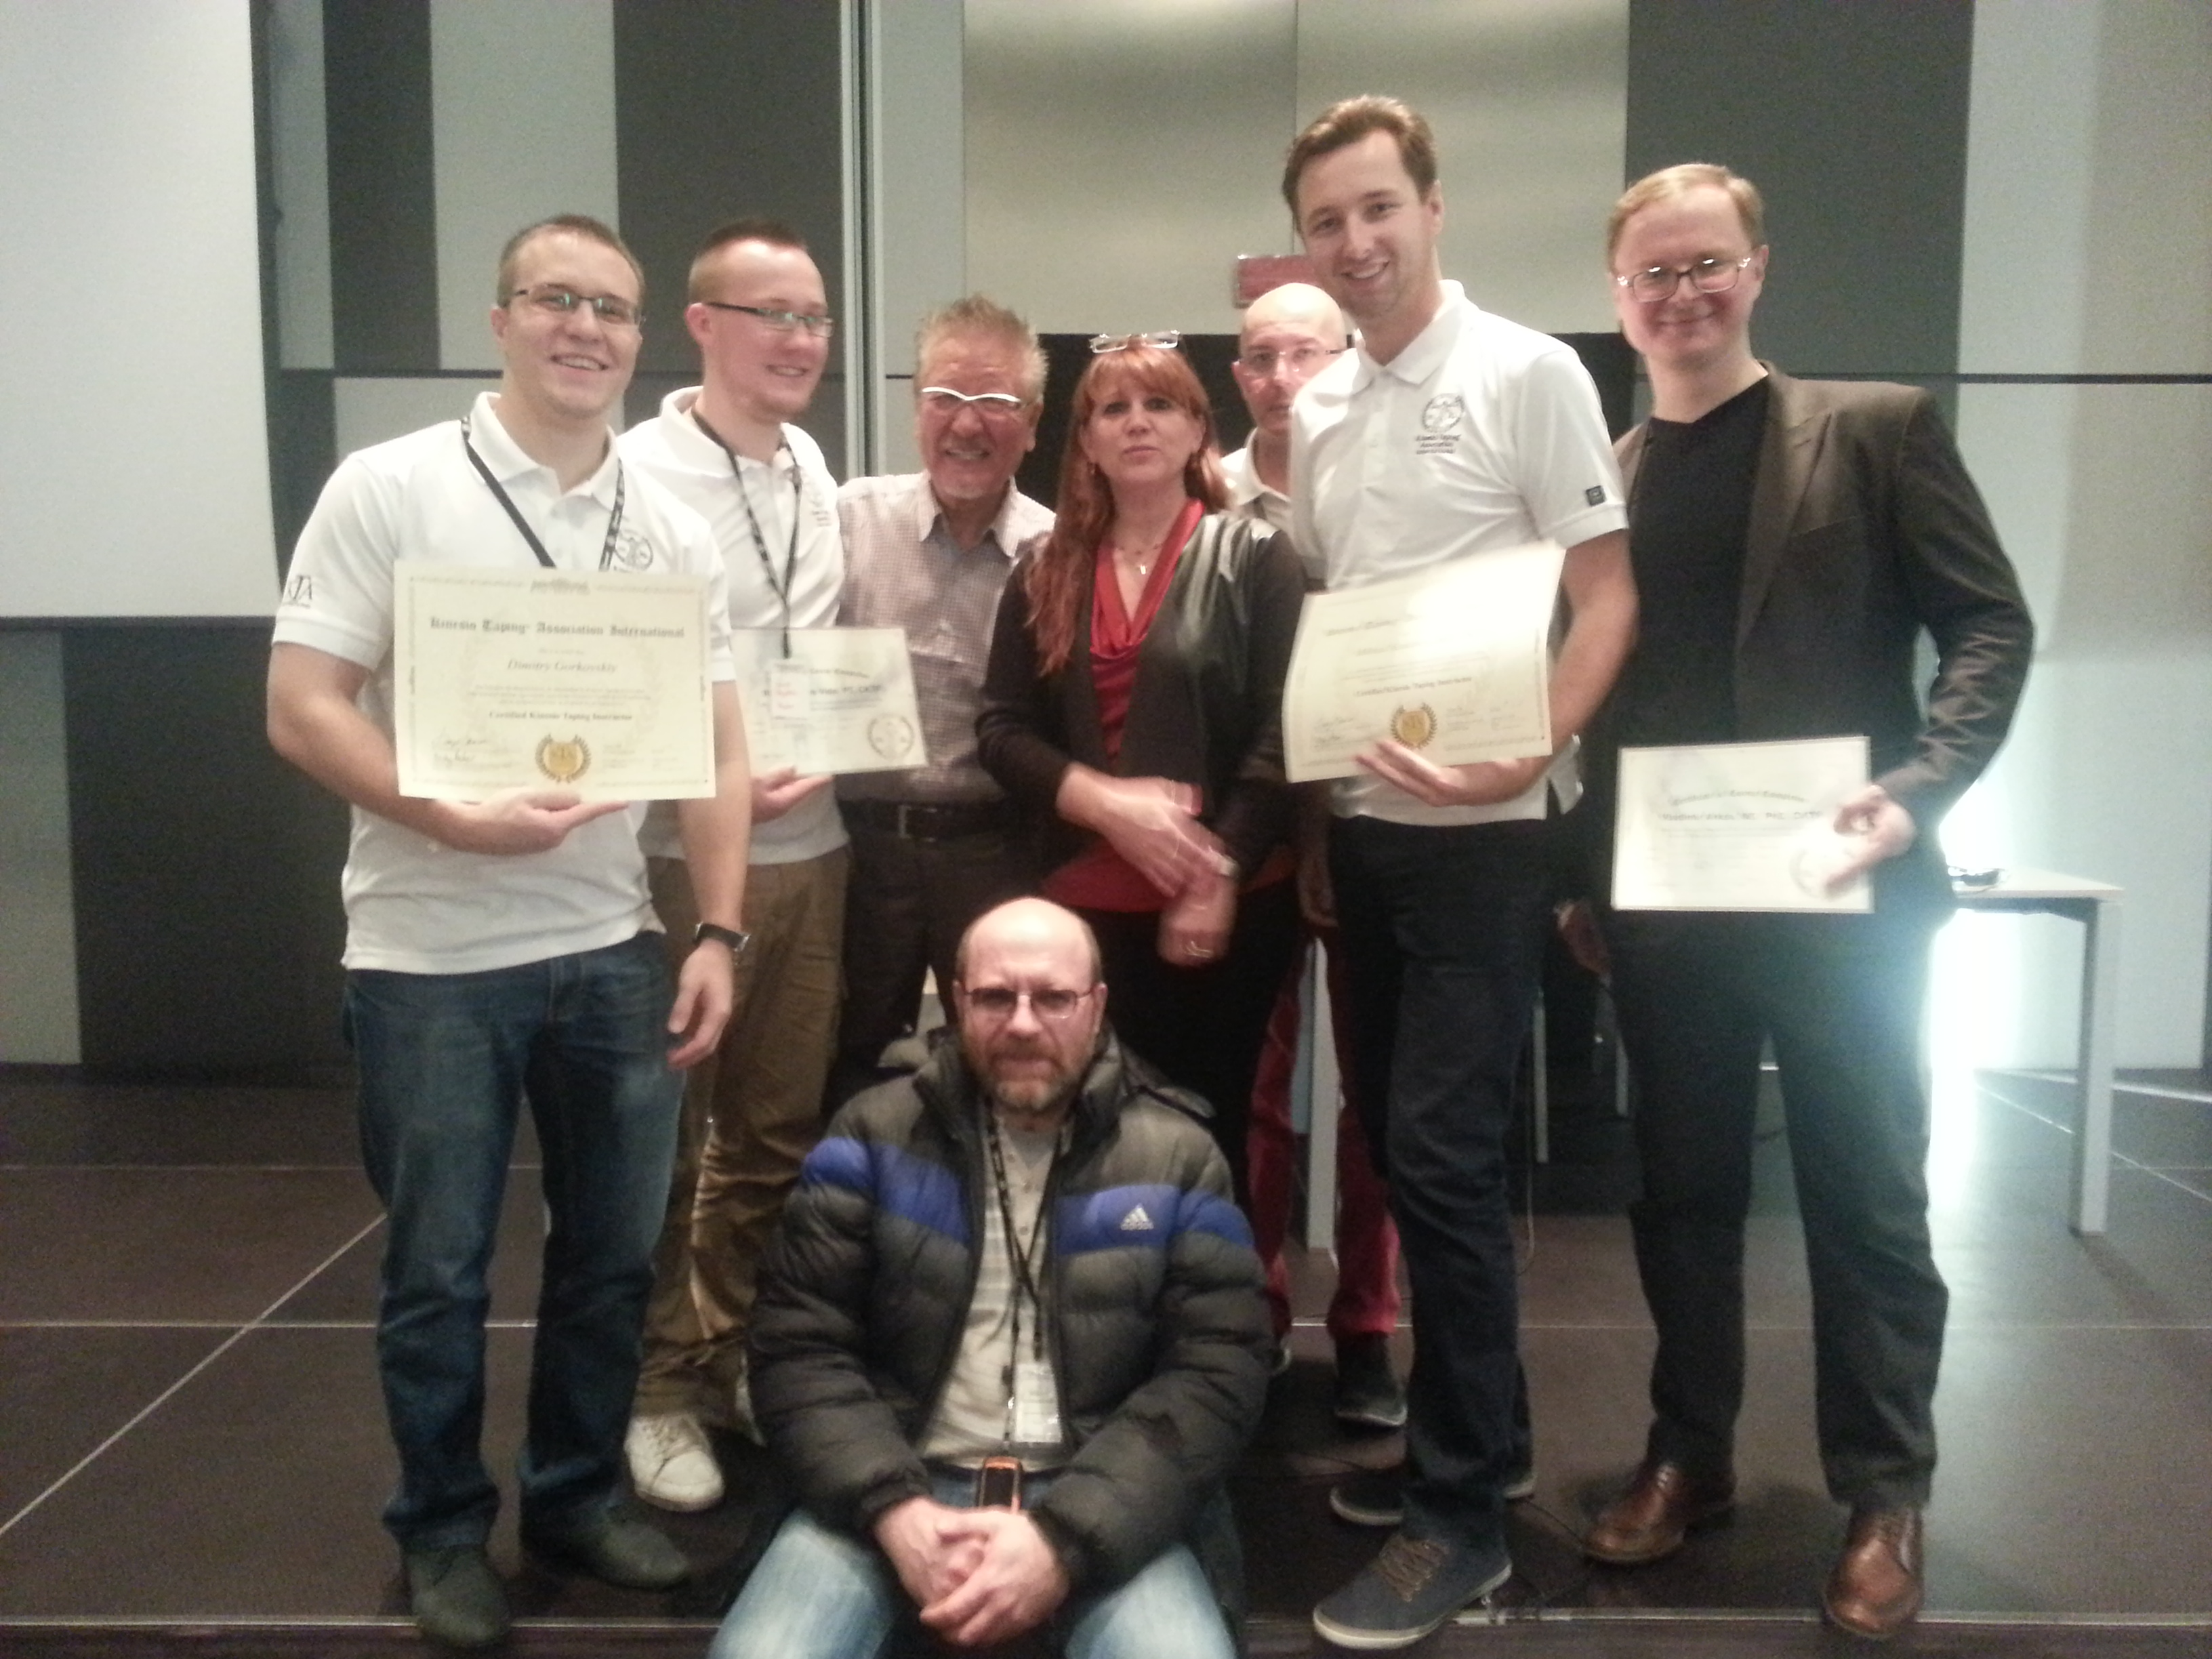 Теперь в России и Беларуси работают 5 инструкторов Kinesio